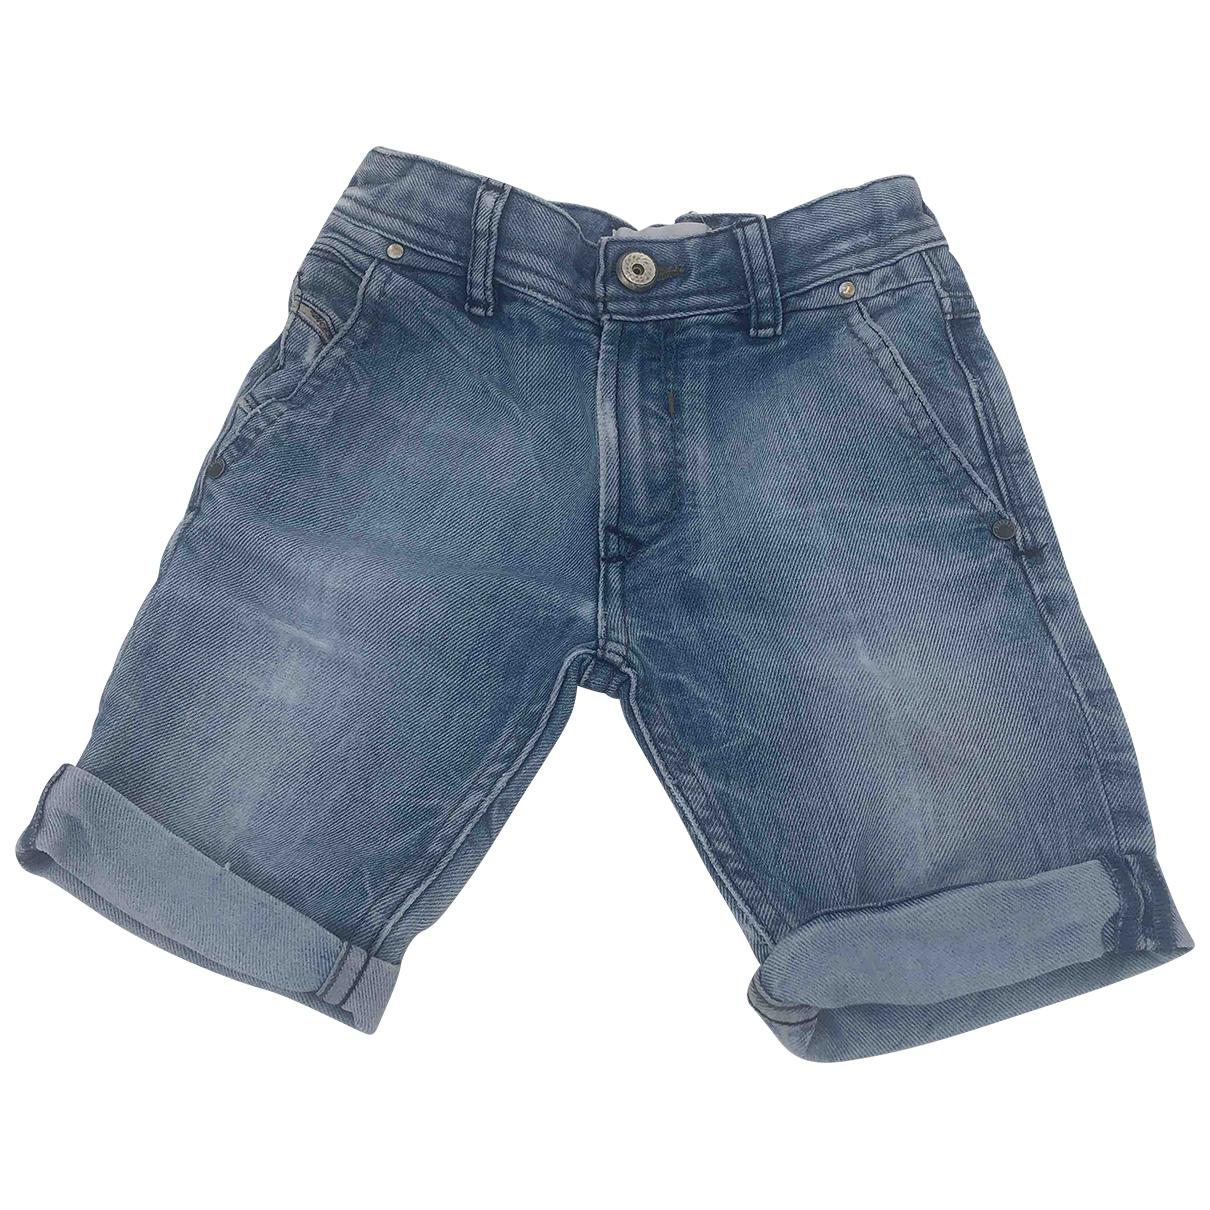 Diesel - Short   pour enfant en denim - bleu